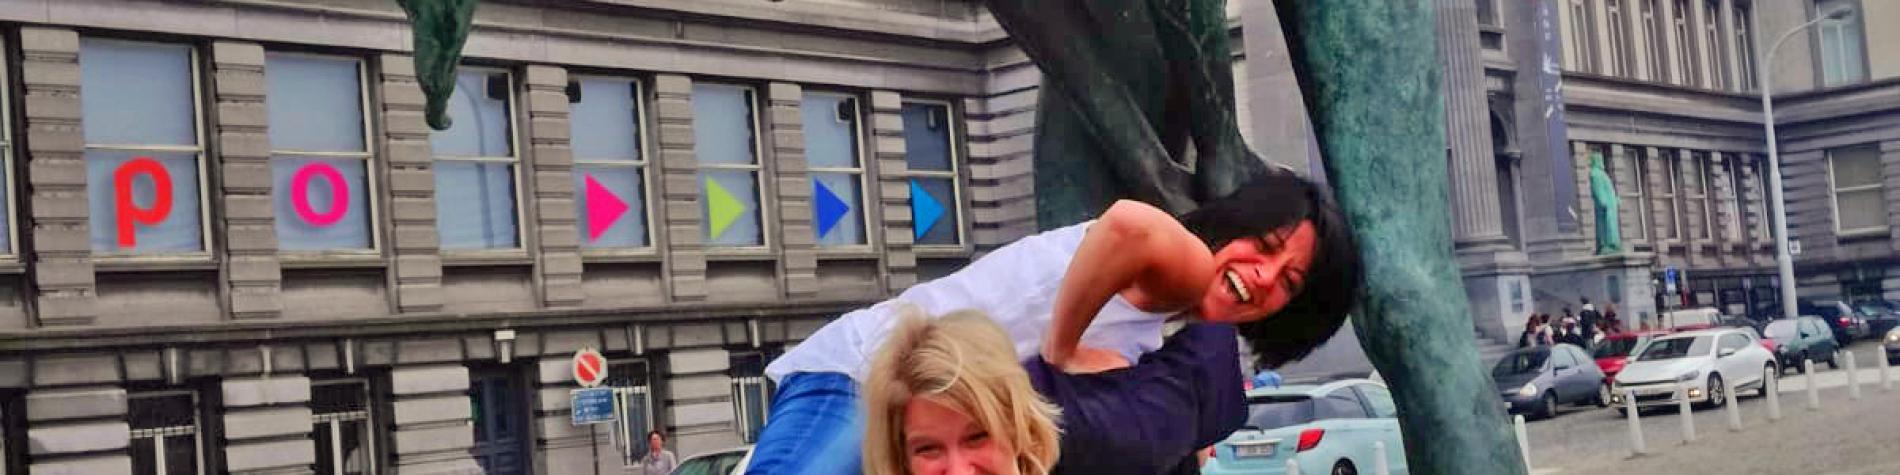 Jeux urbains et escape room à Liège - Discover Belgium